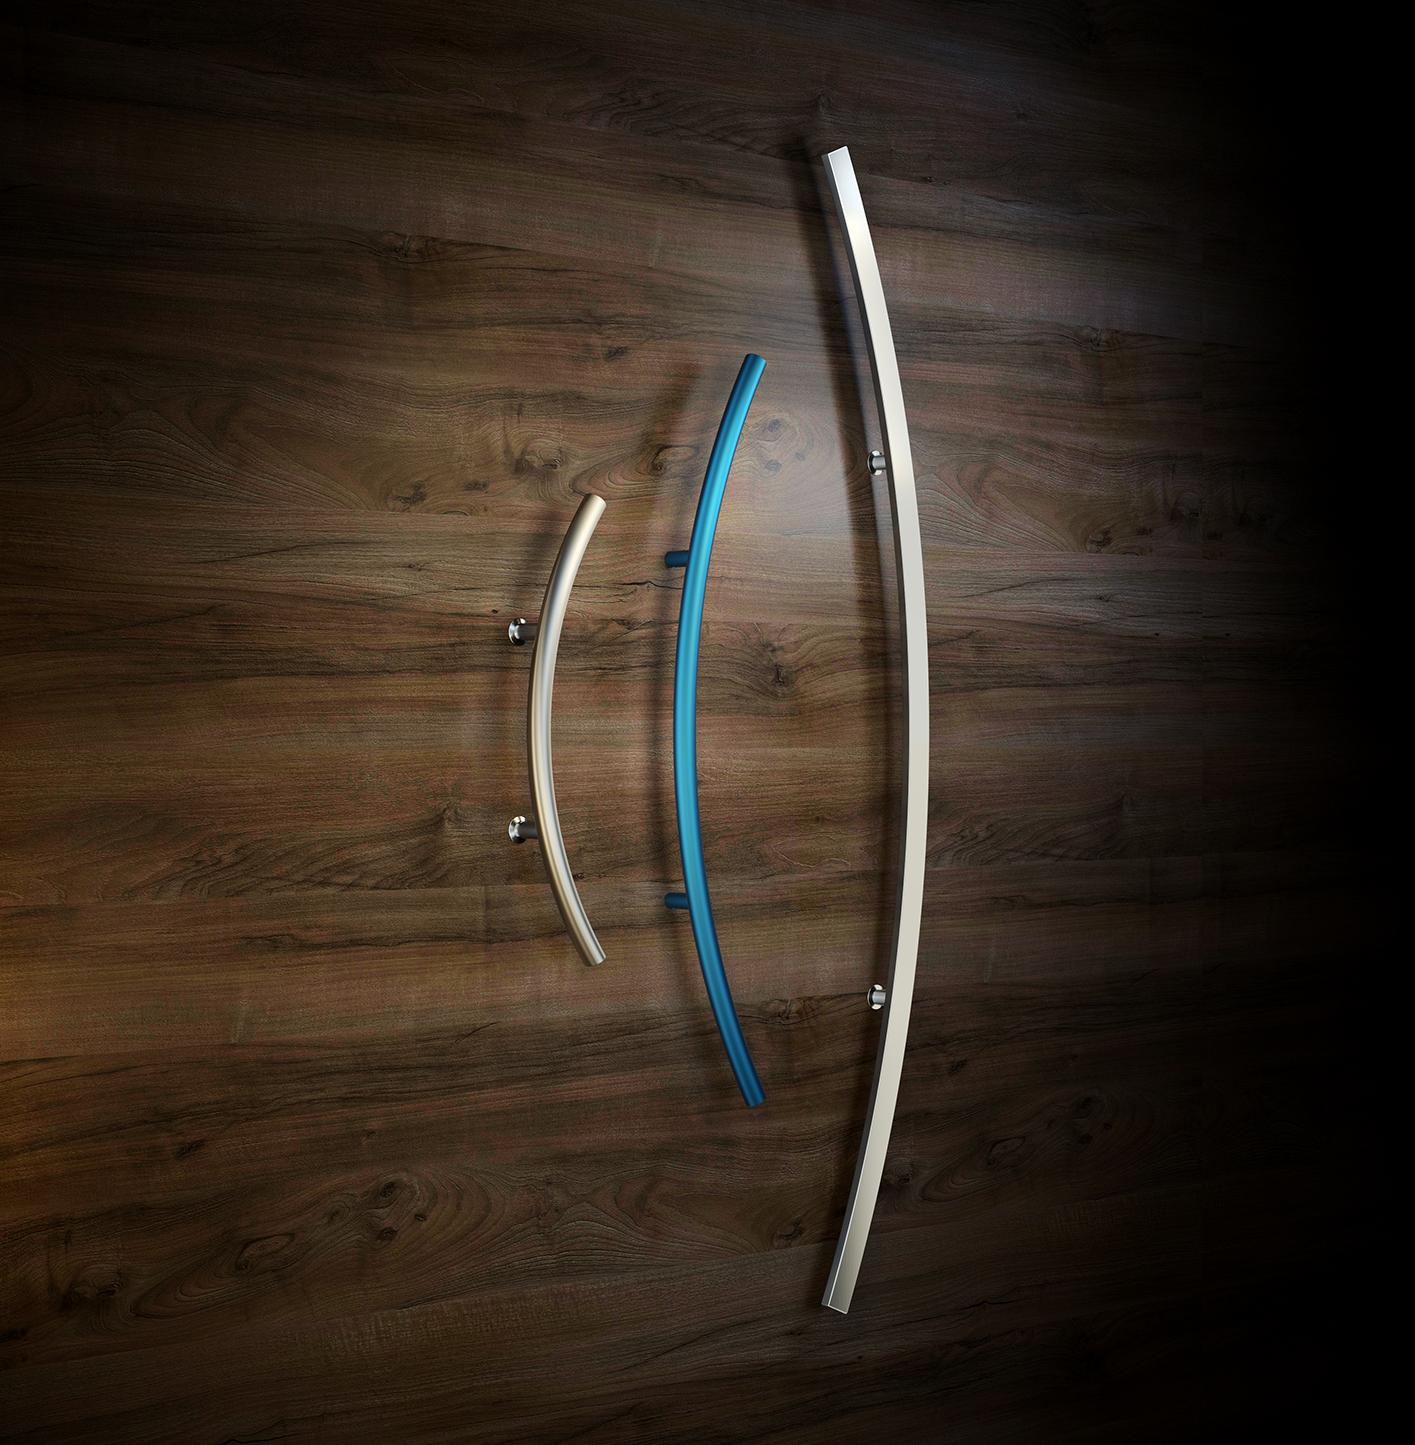 Personalizirali ročaji za vhodna vrata z različnim radijem ukrivljenosti - Personalized door handles for entrance doors with different curvature - Griffing